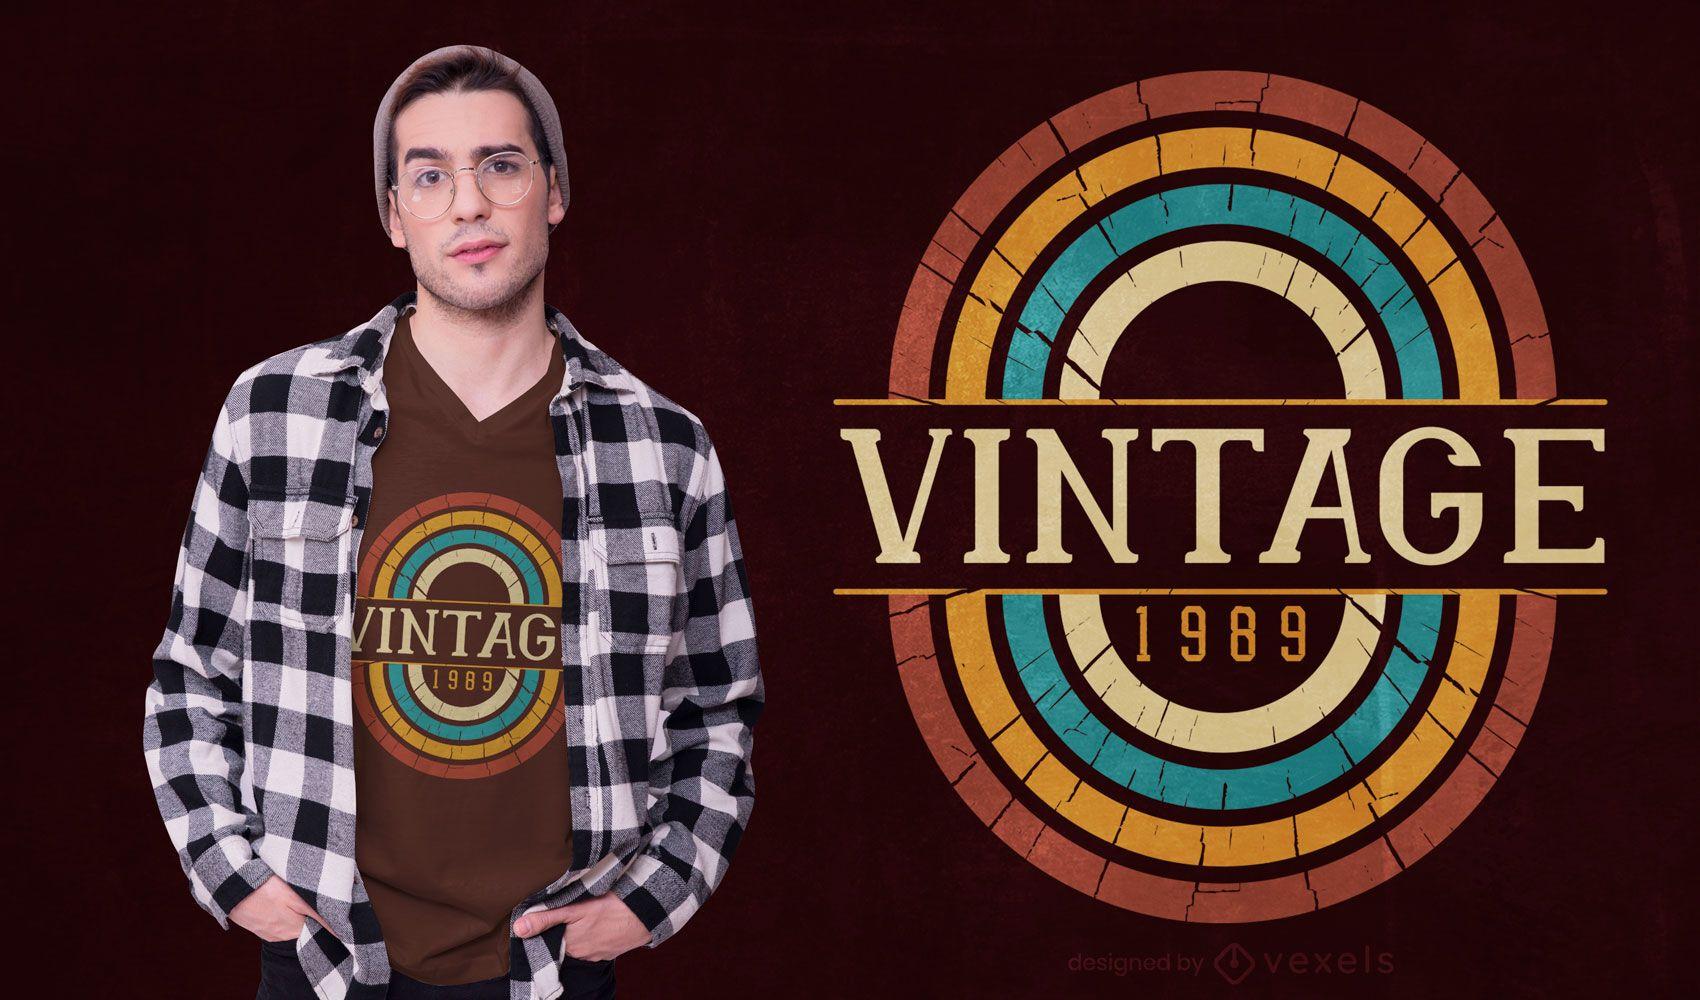 Vintage 1989 T-shirt Design